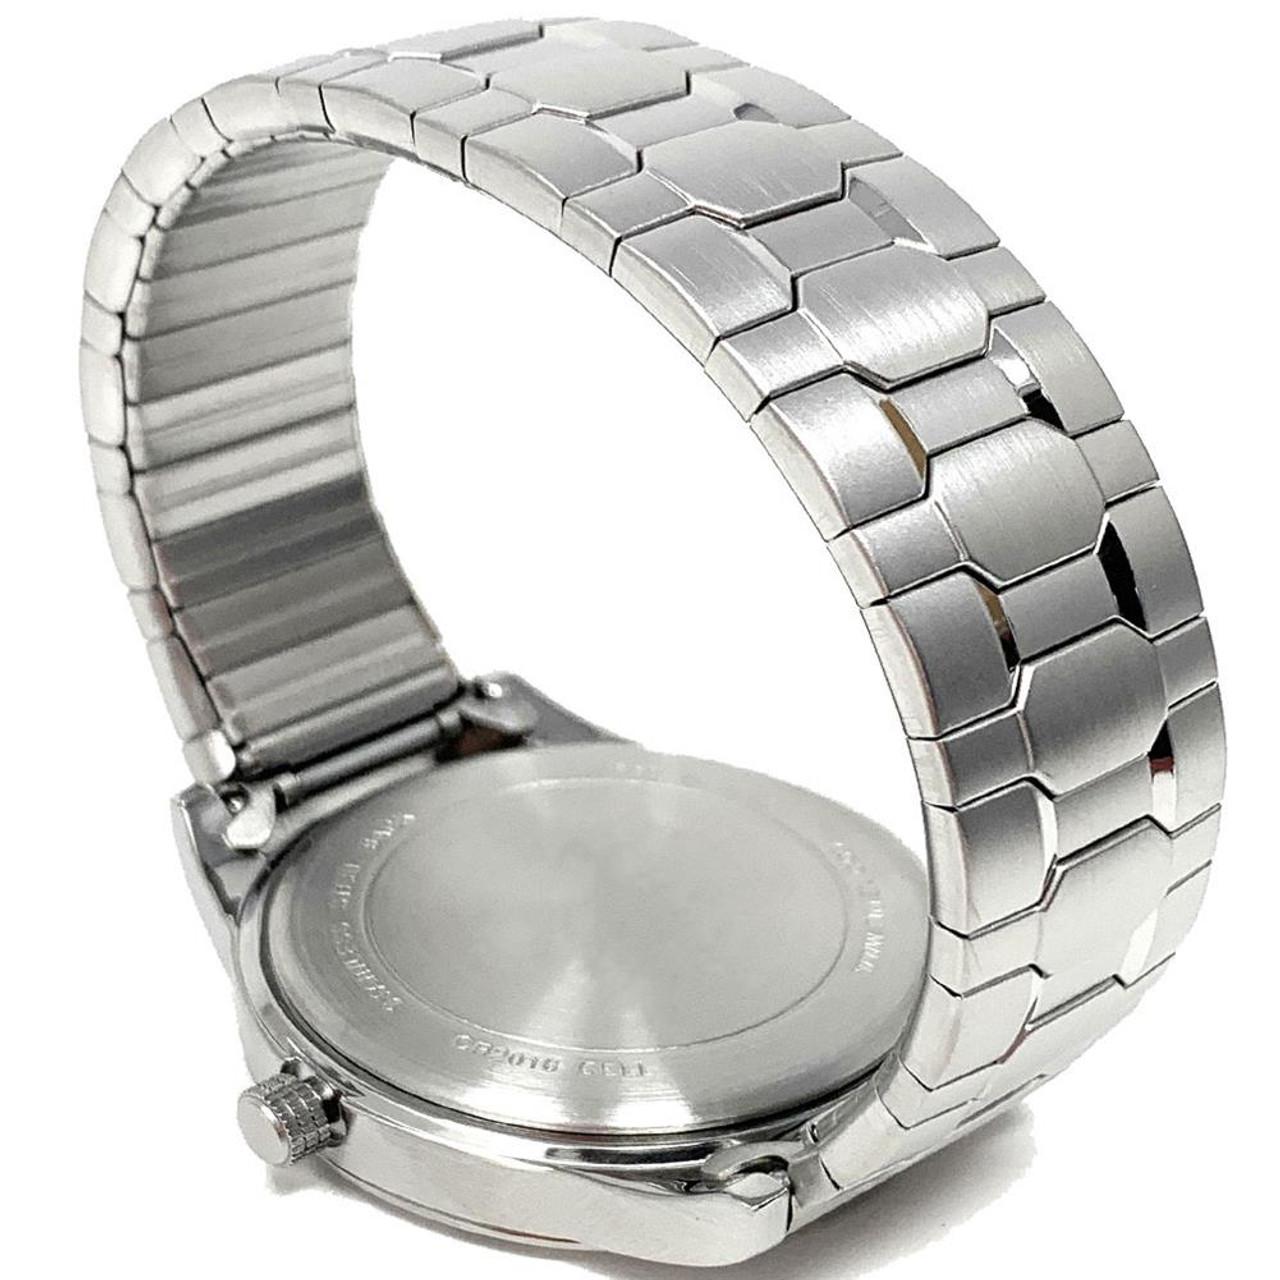 Men's Boston College BC Watch Timex Citation Steel Watch